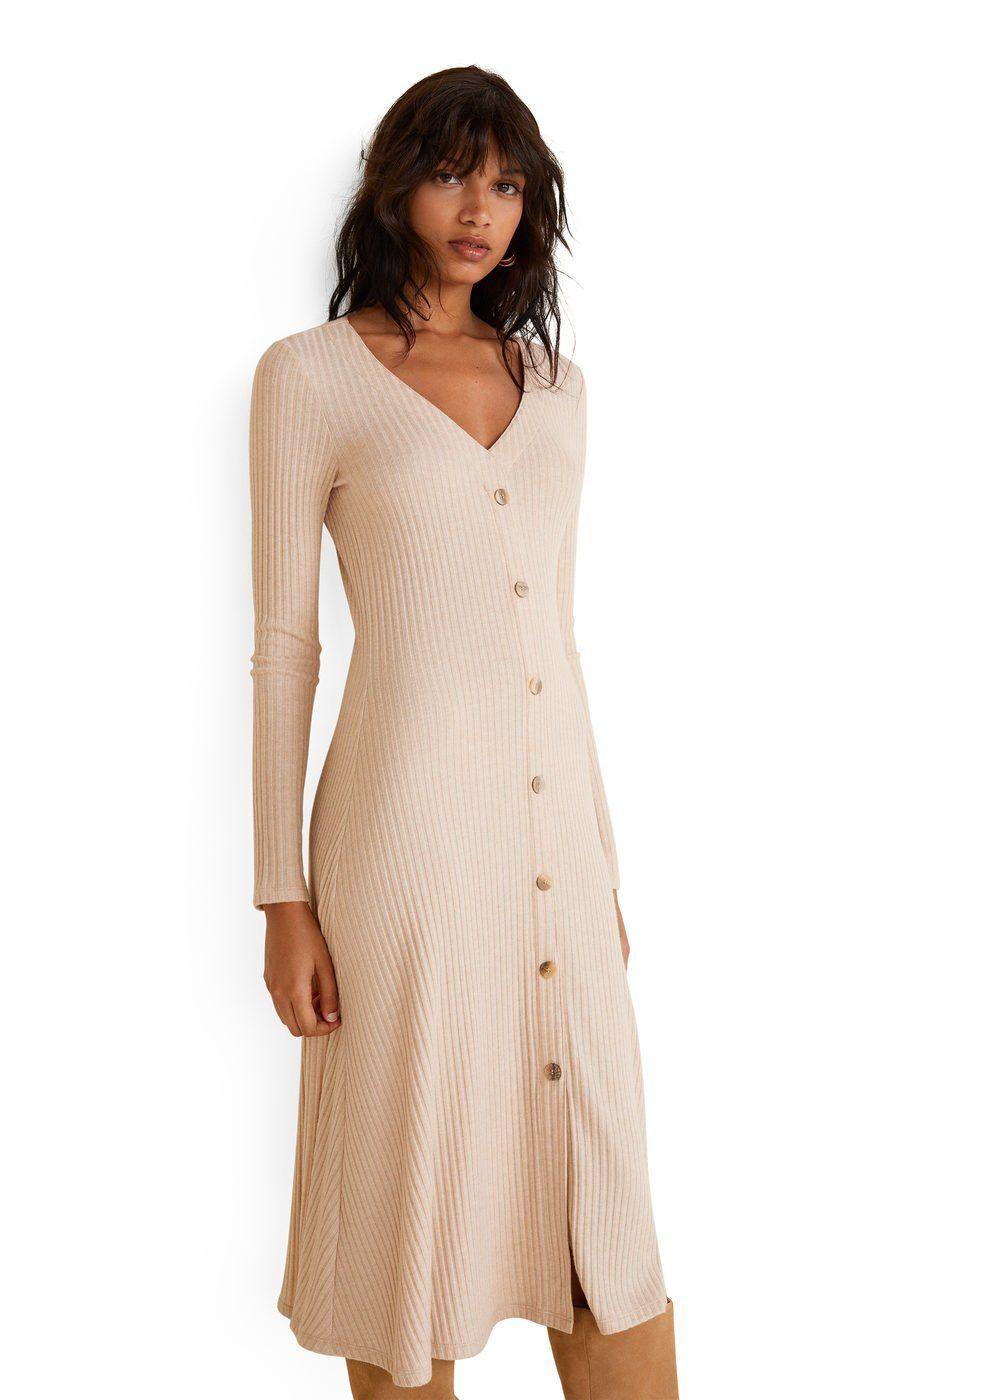 OTTO #MANGO #Bekleidung #Kleider #Damen #MANGO #Geknöpftes #Kleid